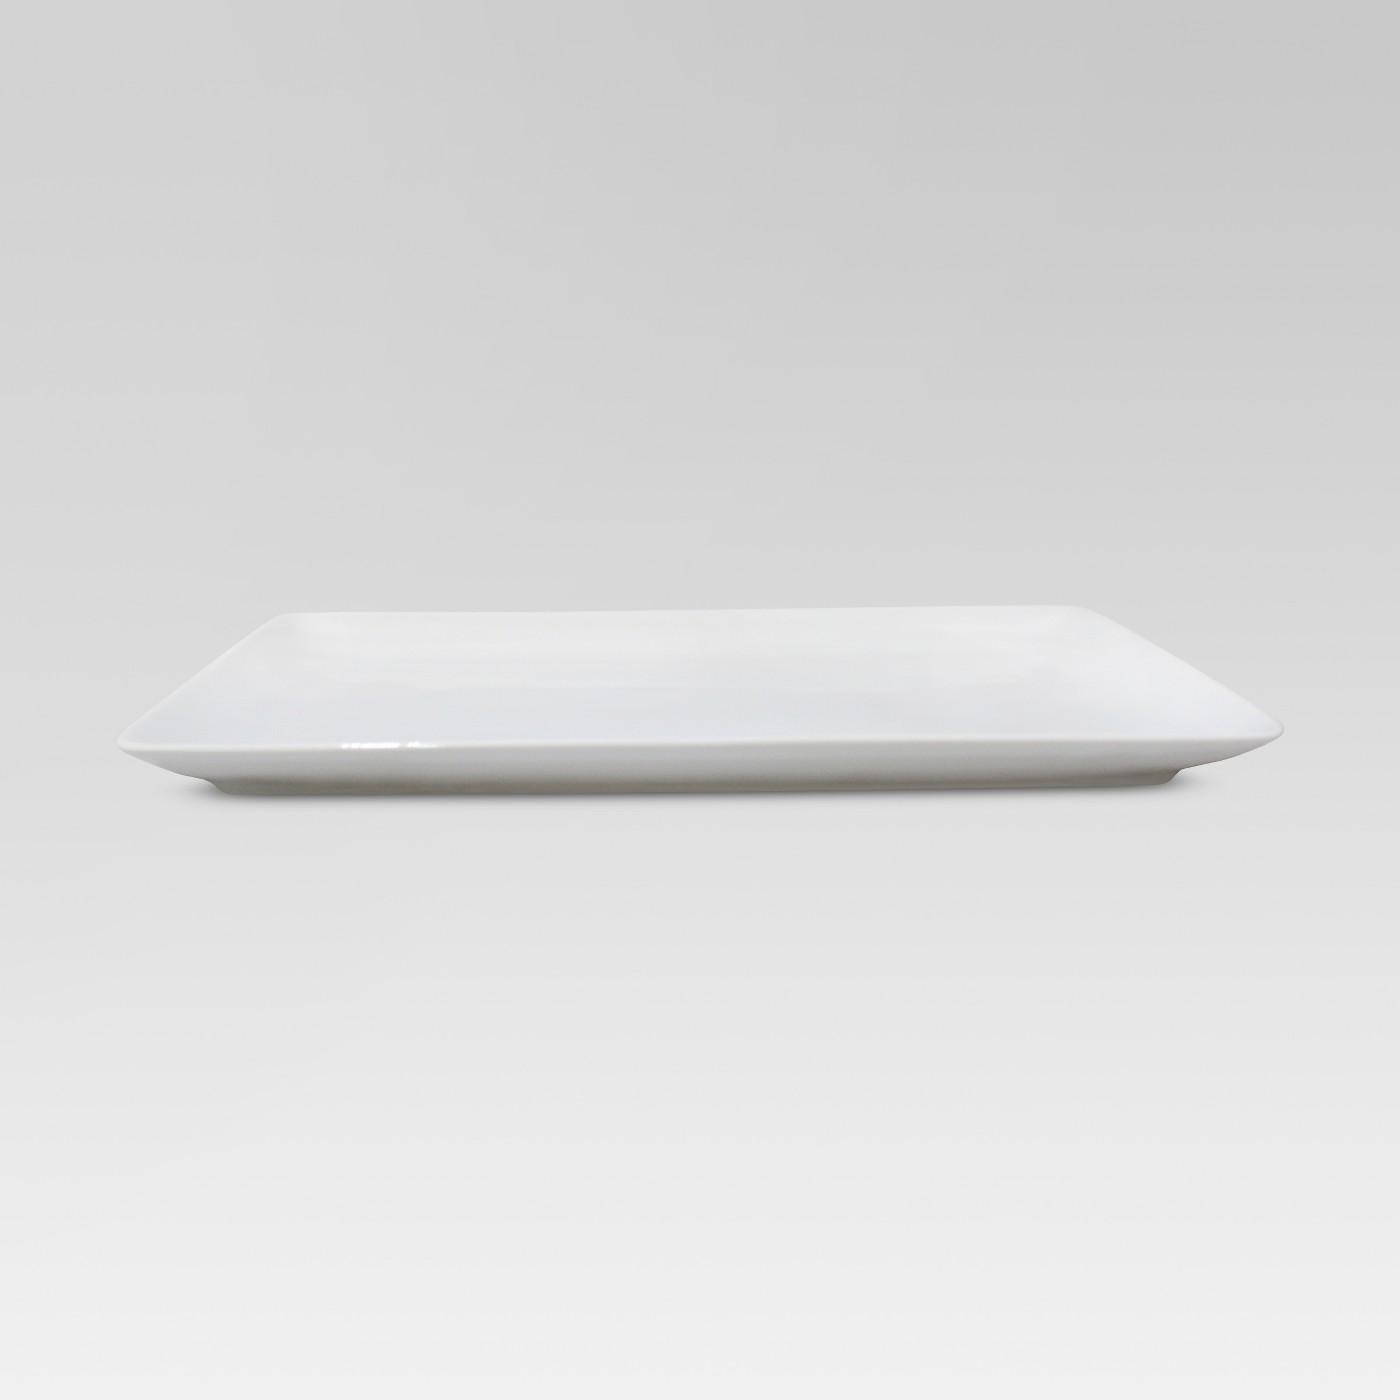 """Porcelain Rectangular Platter White 9.5""""x15.25"""" - Threshold⢠- image 1 of 2"""